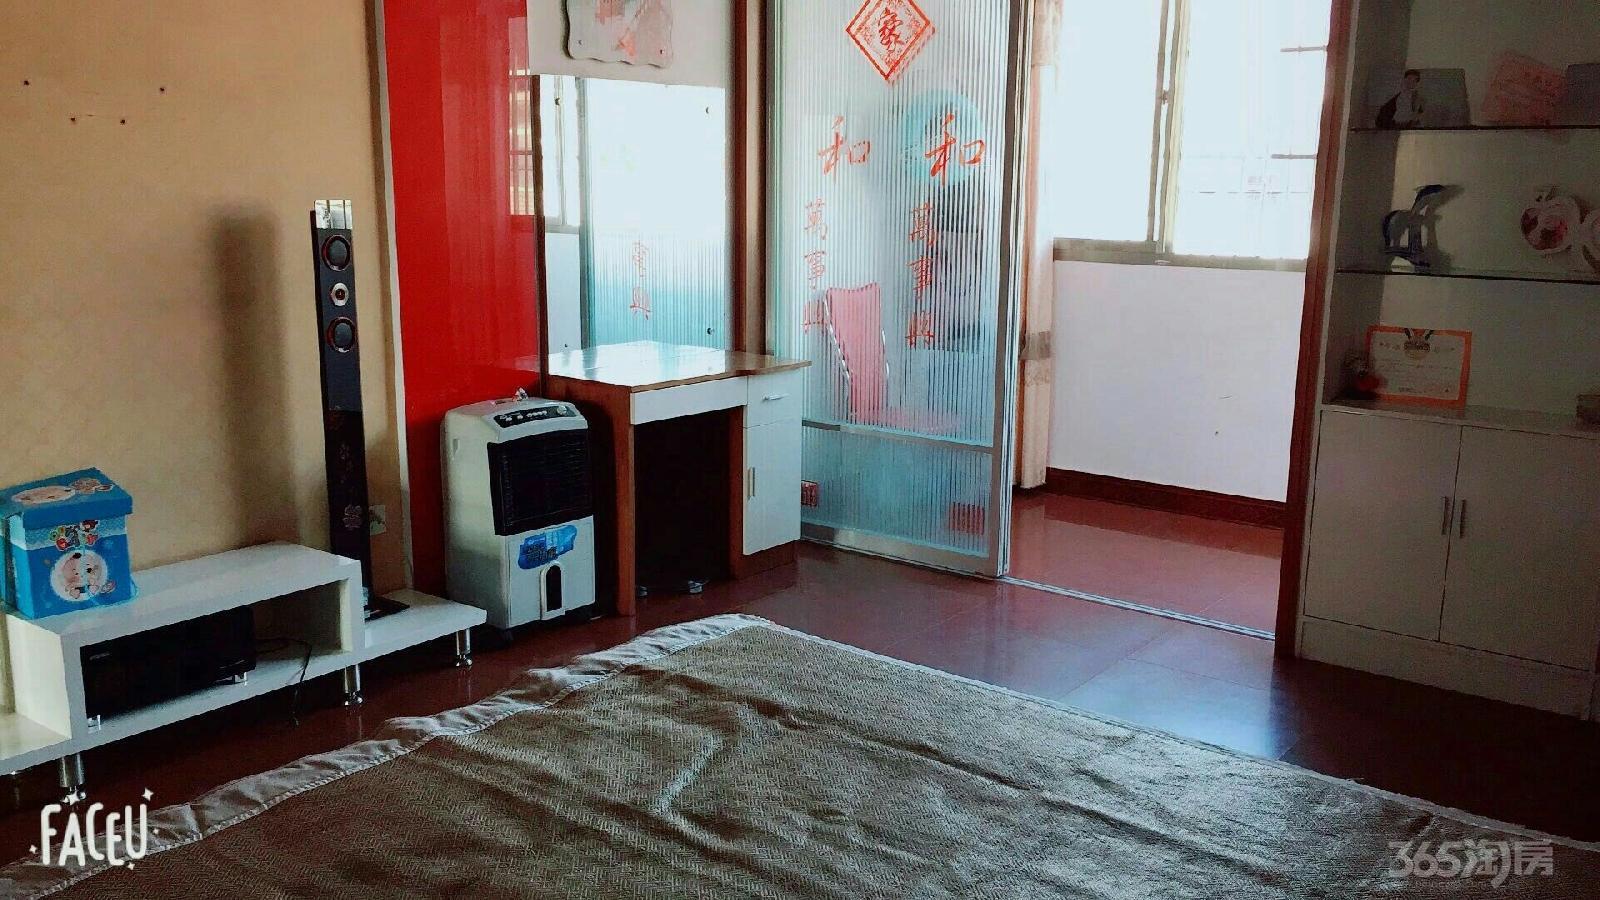 北洋街道4室1厅1卫150平米2009年产权房中装